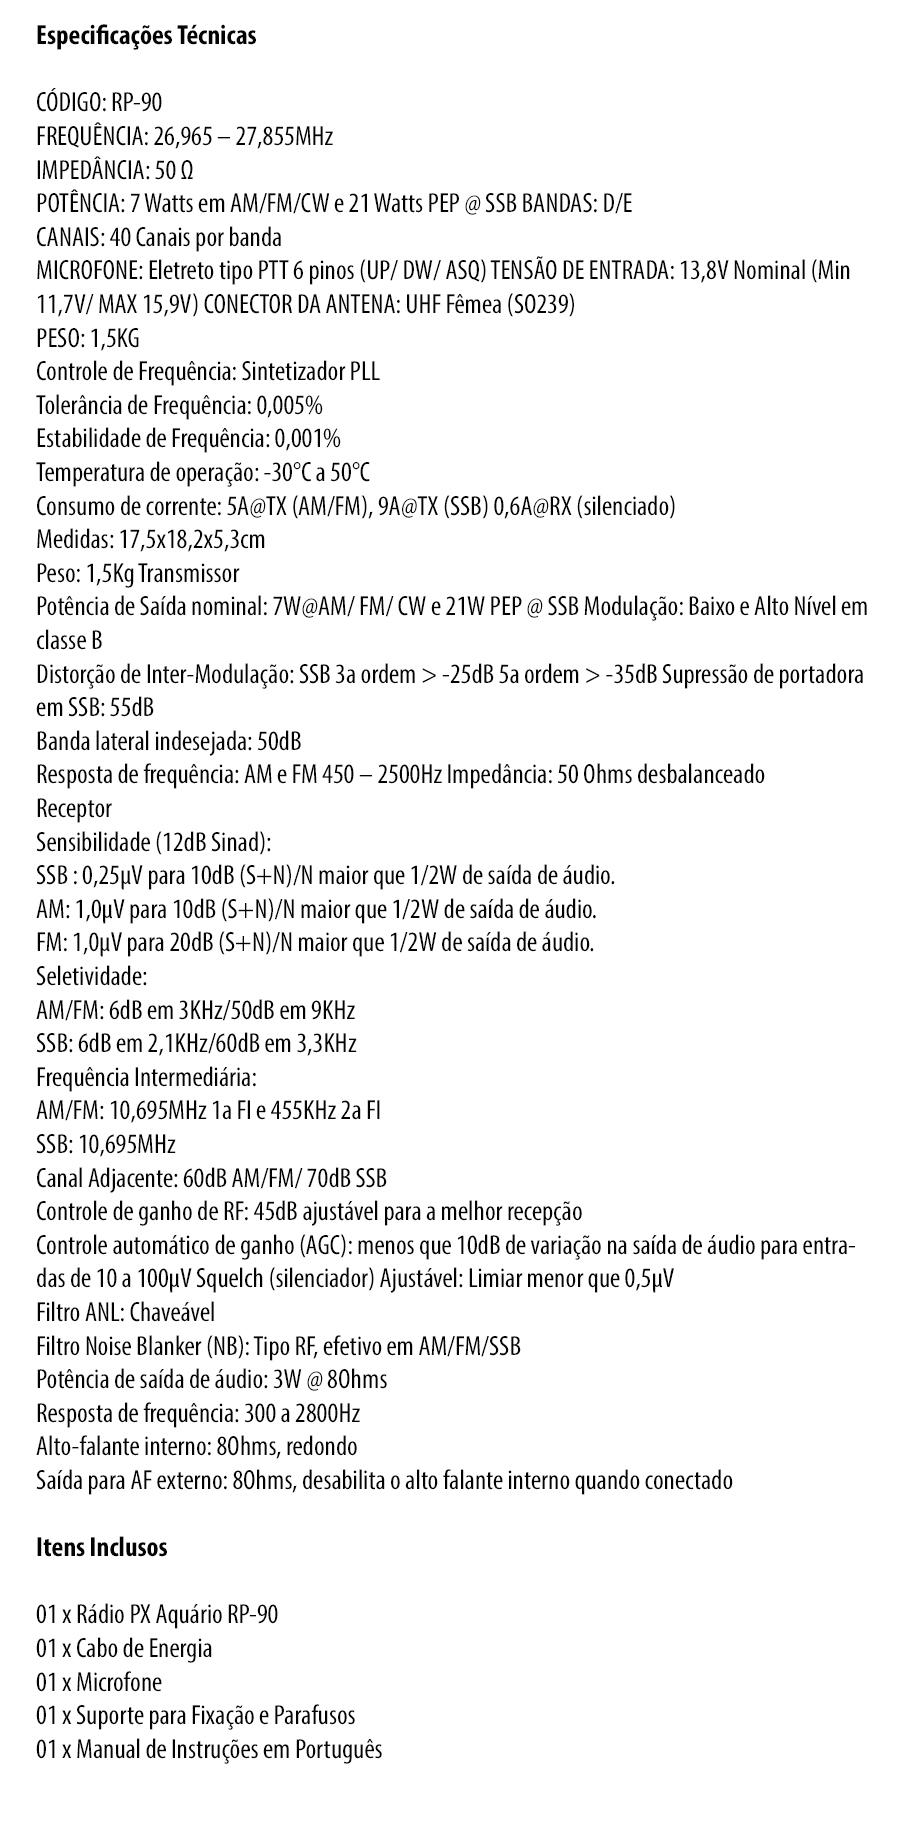 Radio-PX-Aquário-RP90-RP-90-RP-90-homologado-propagação-aberta-08